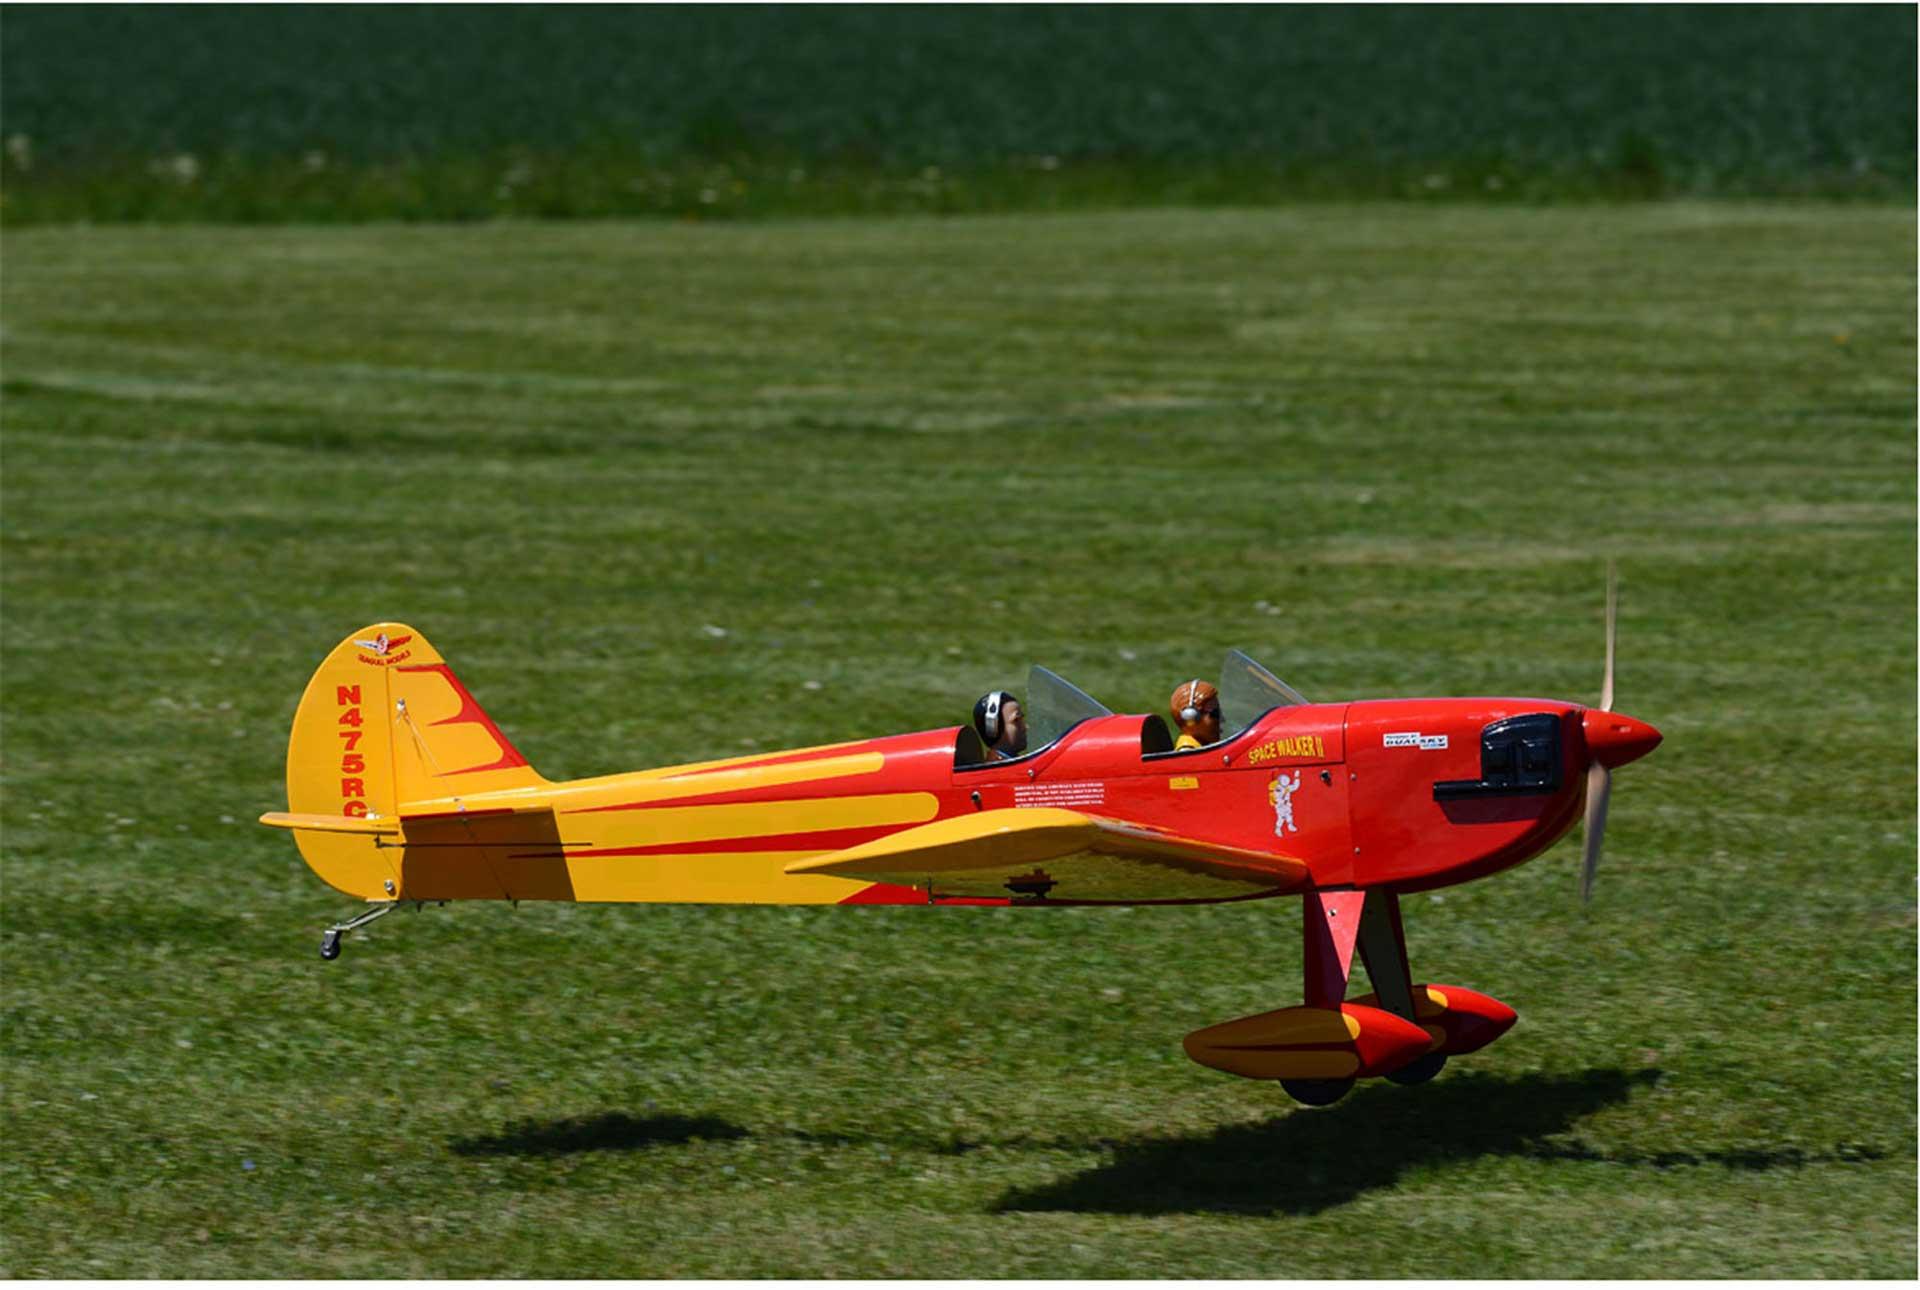 SG-MODELS SPACE WALKER II 120 ARF